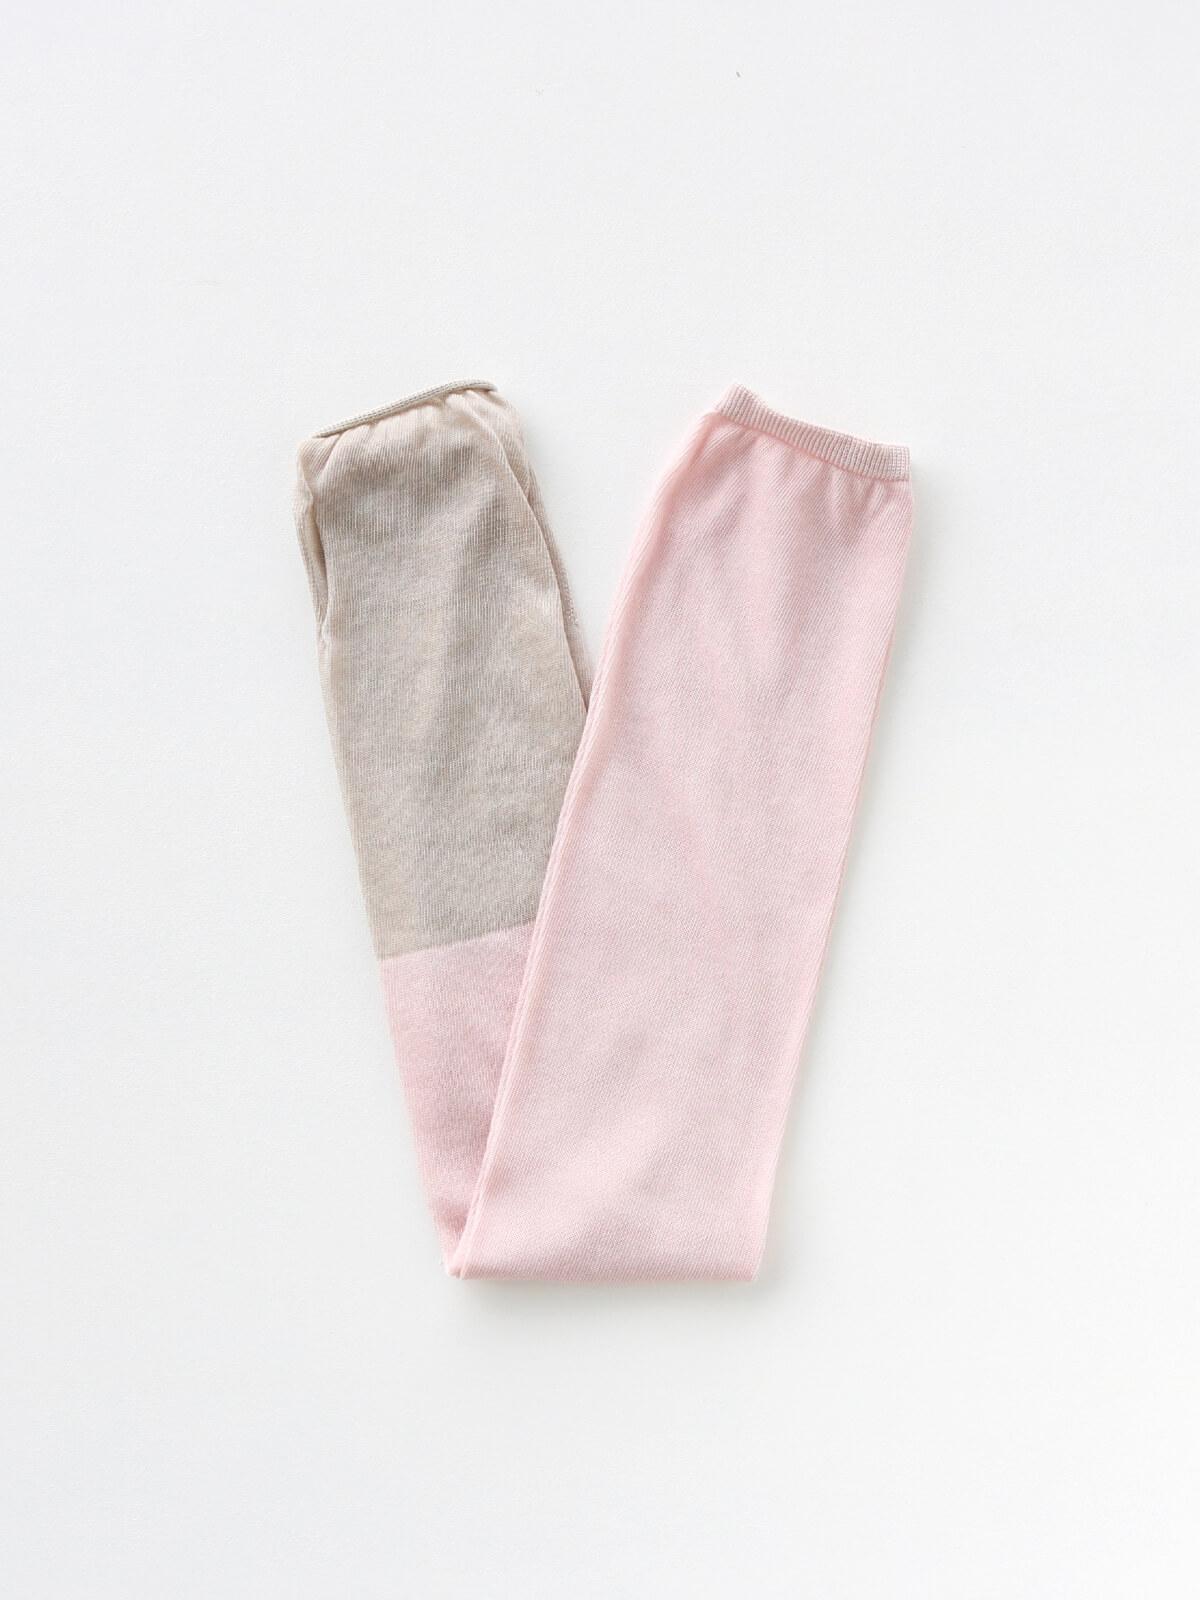 当たりつきギフト専用靴下のLUCKY SOCKS(ラッキーソックス)のSunscreen 2tone Armcover(サンスクリーン2トーンアームカバー)のパウダーピーチ×グレージュ_2